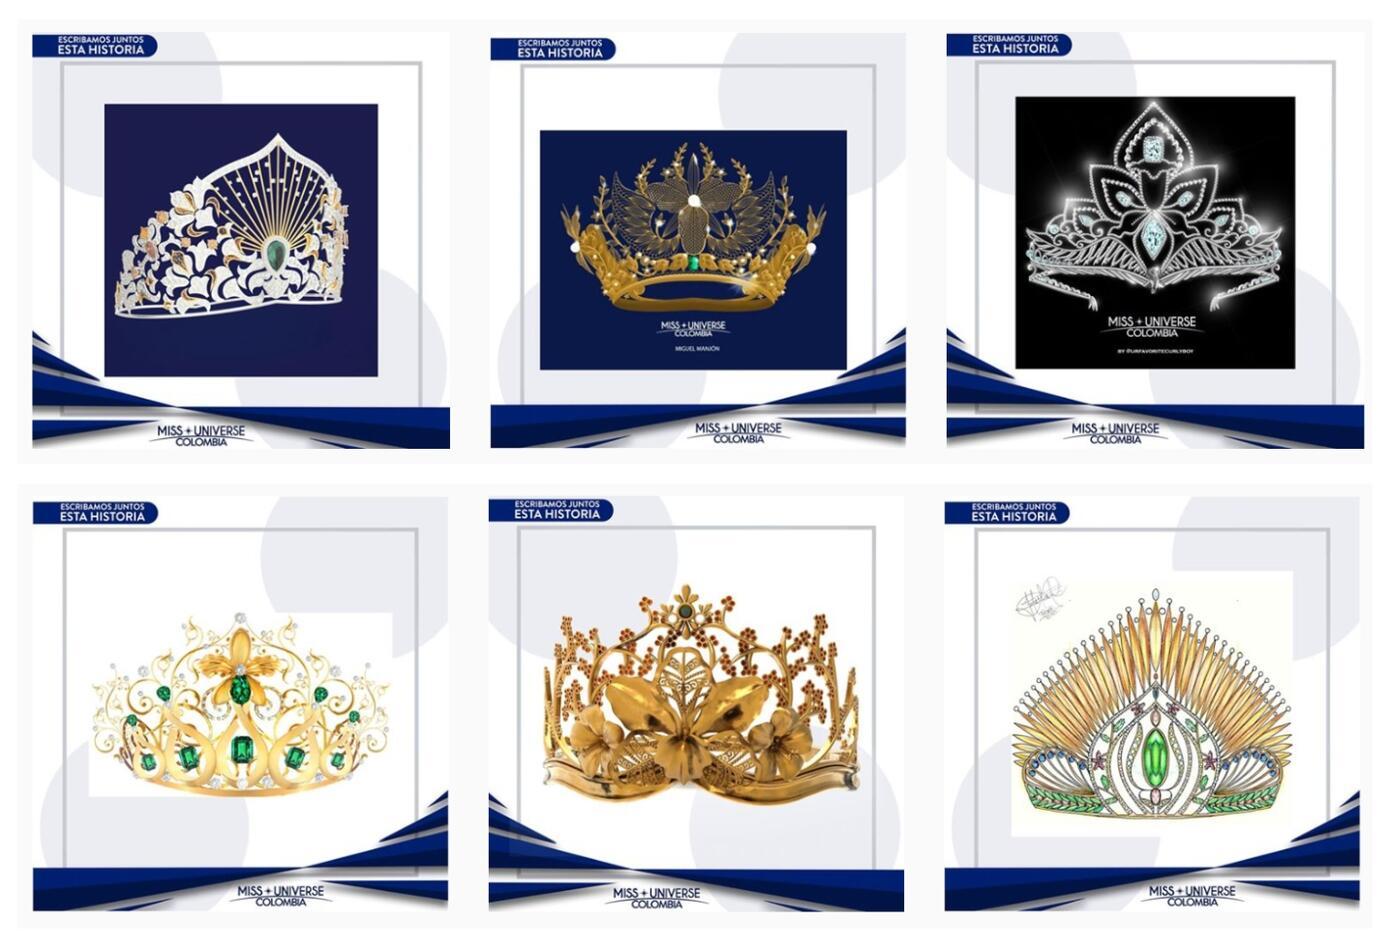 Diseño coronas de Miss Universo Colombia